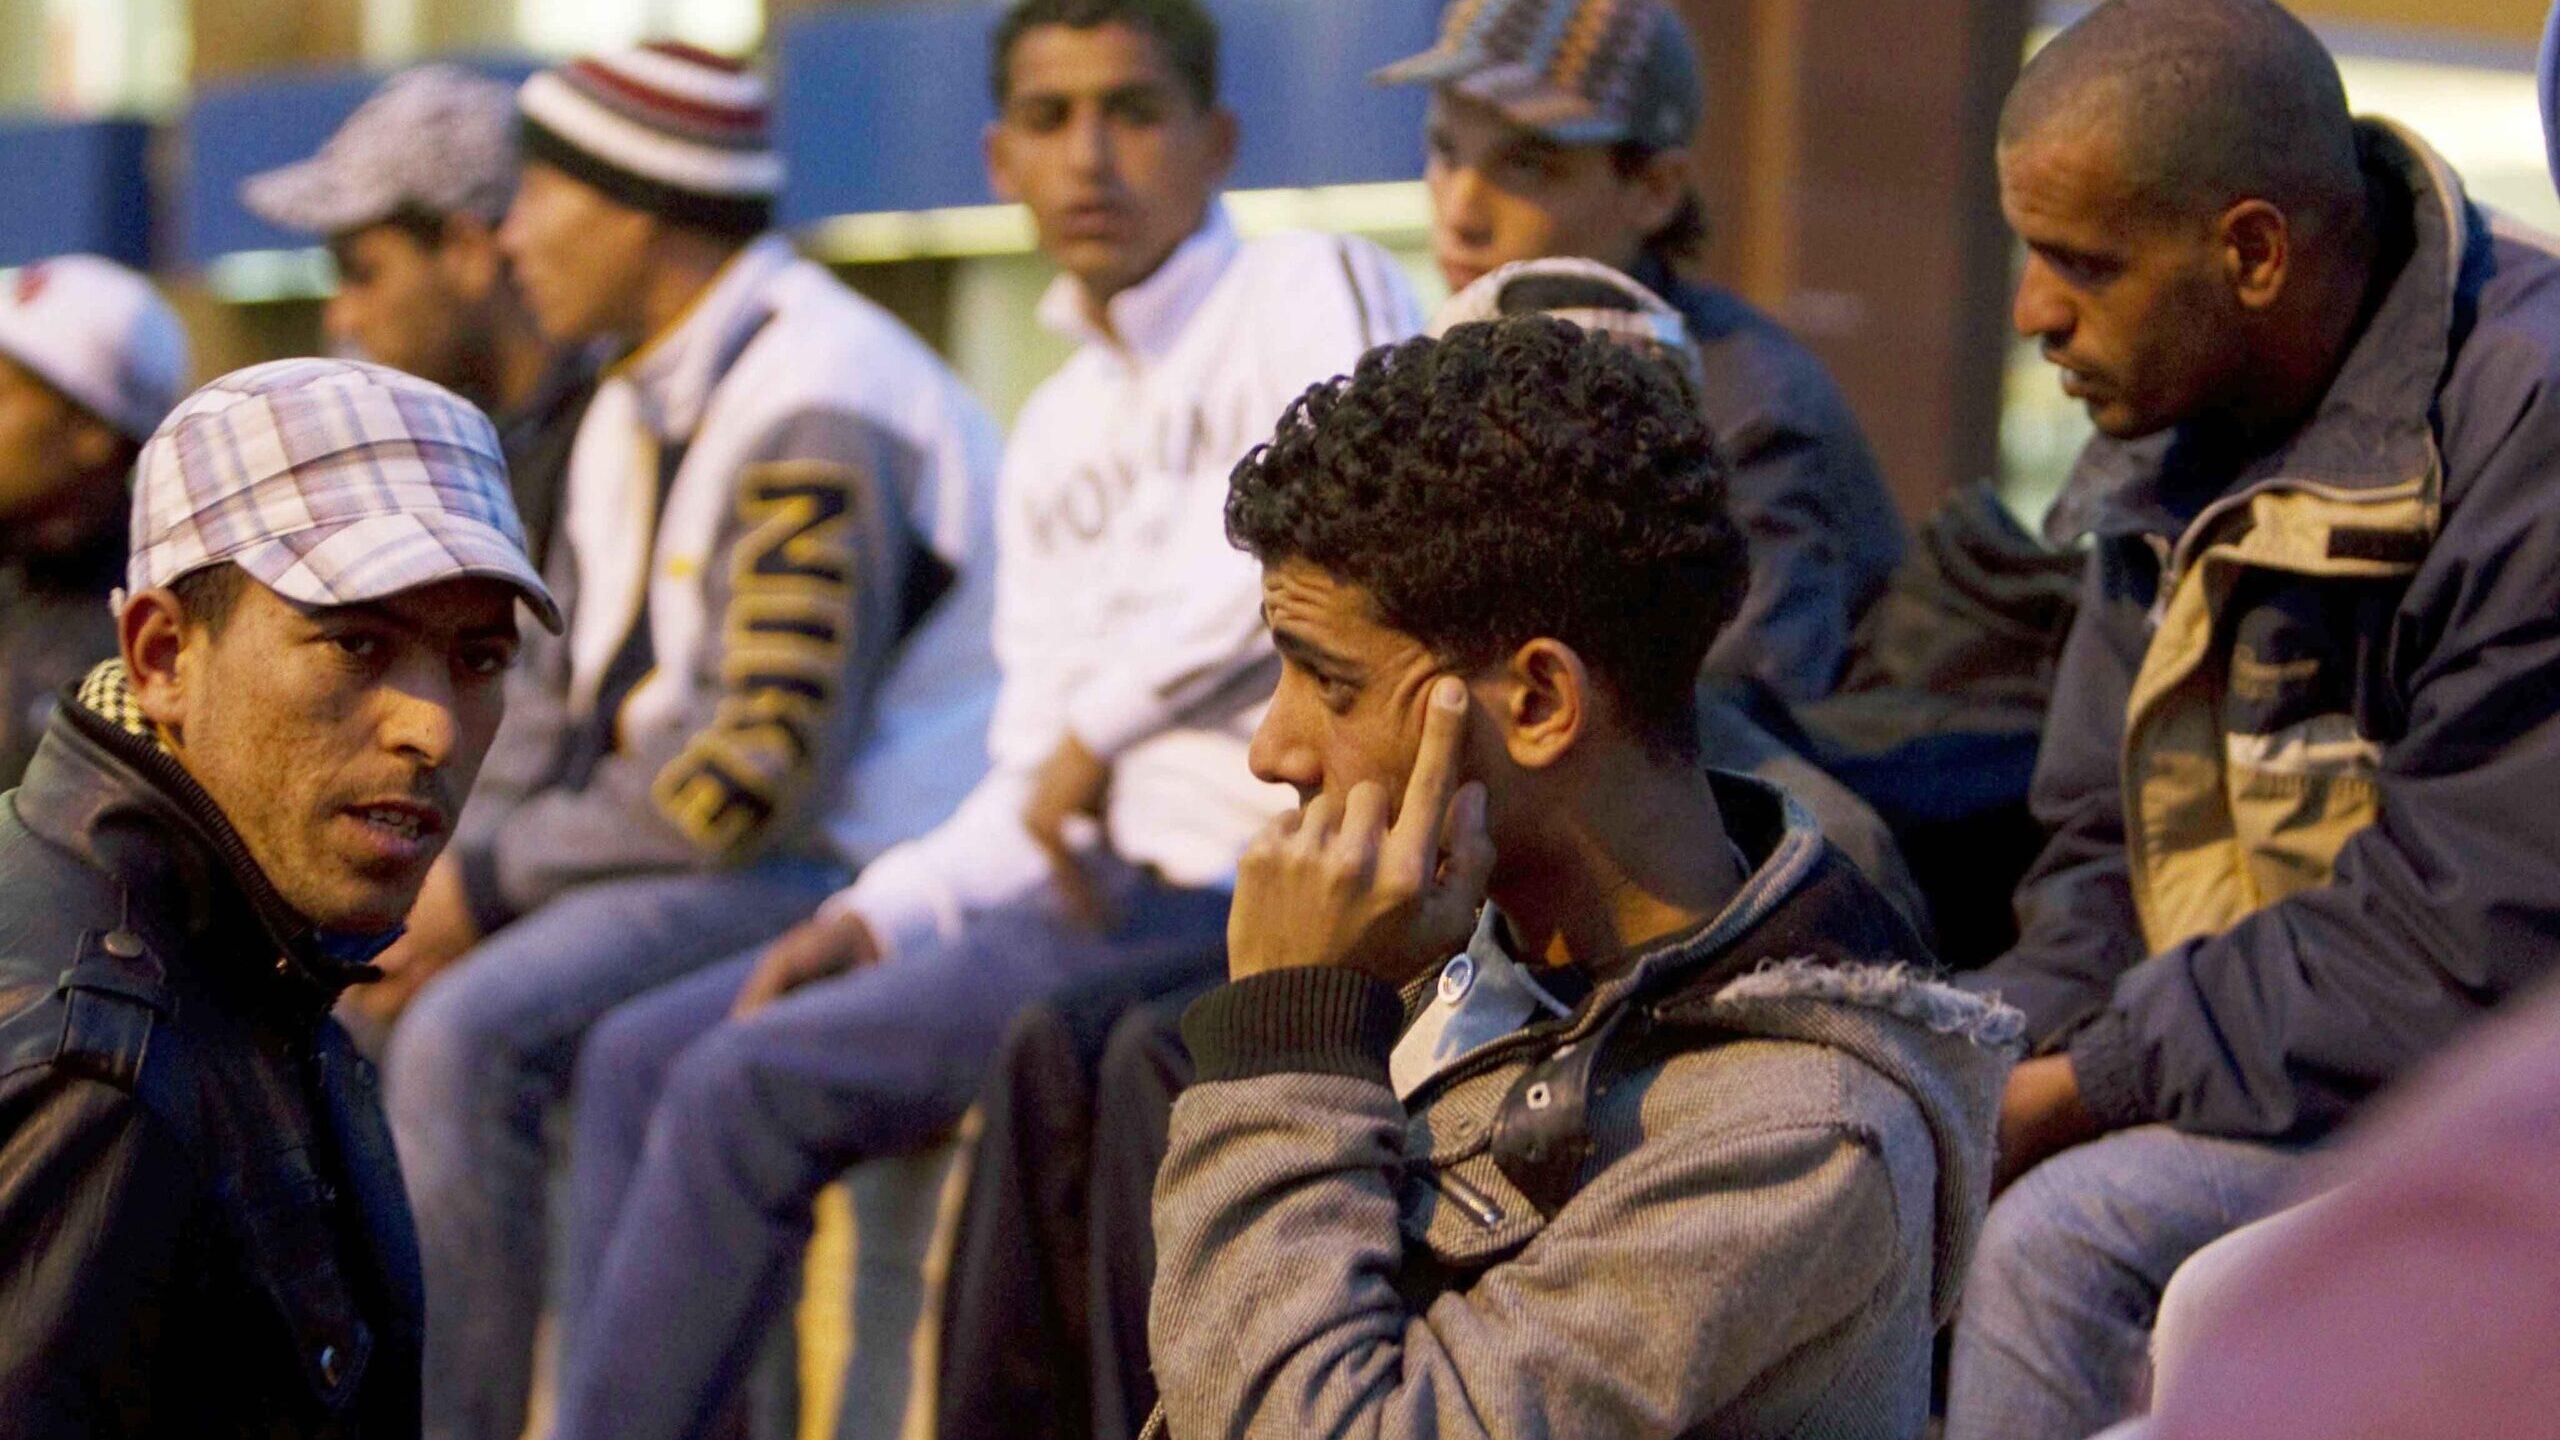 Chi sfrutta i richiedenti asilo